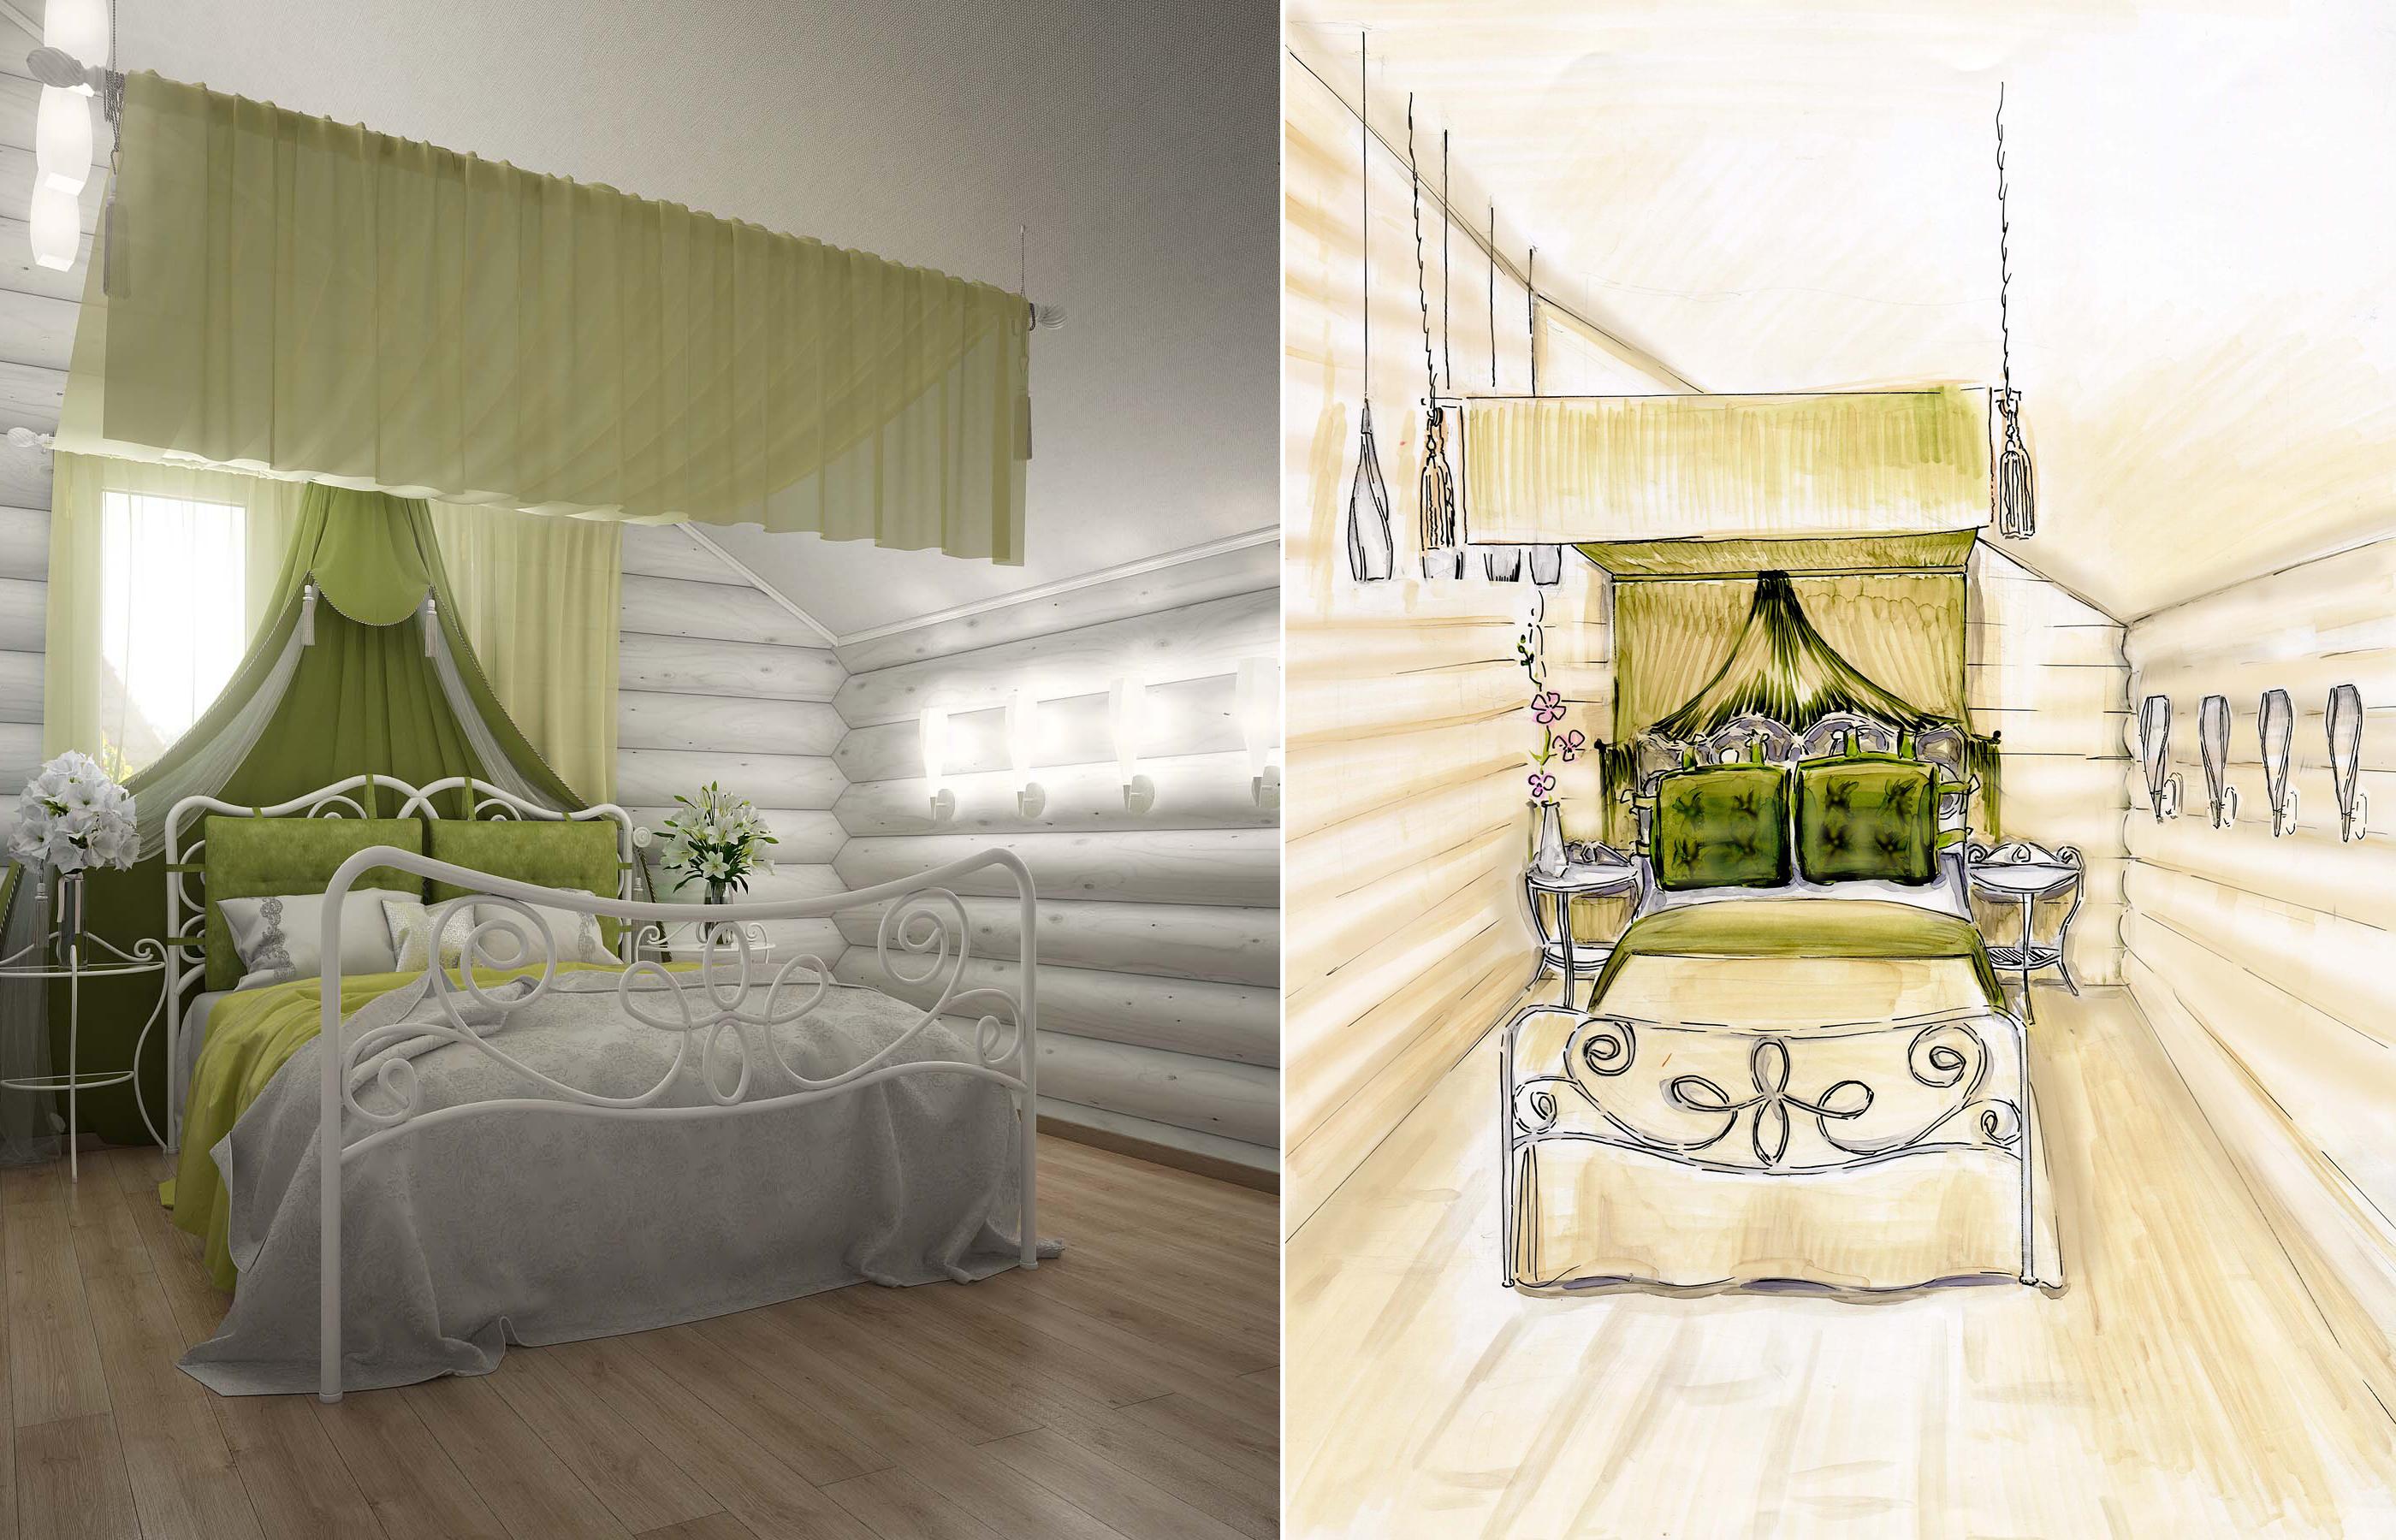 Дизайн интерьера спальни в деревянном доме